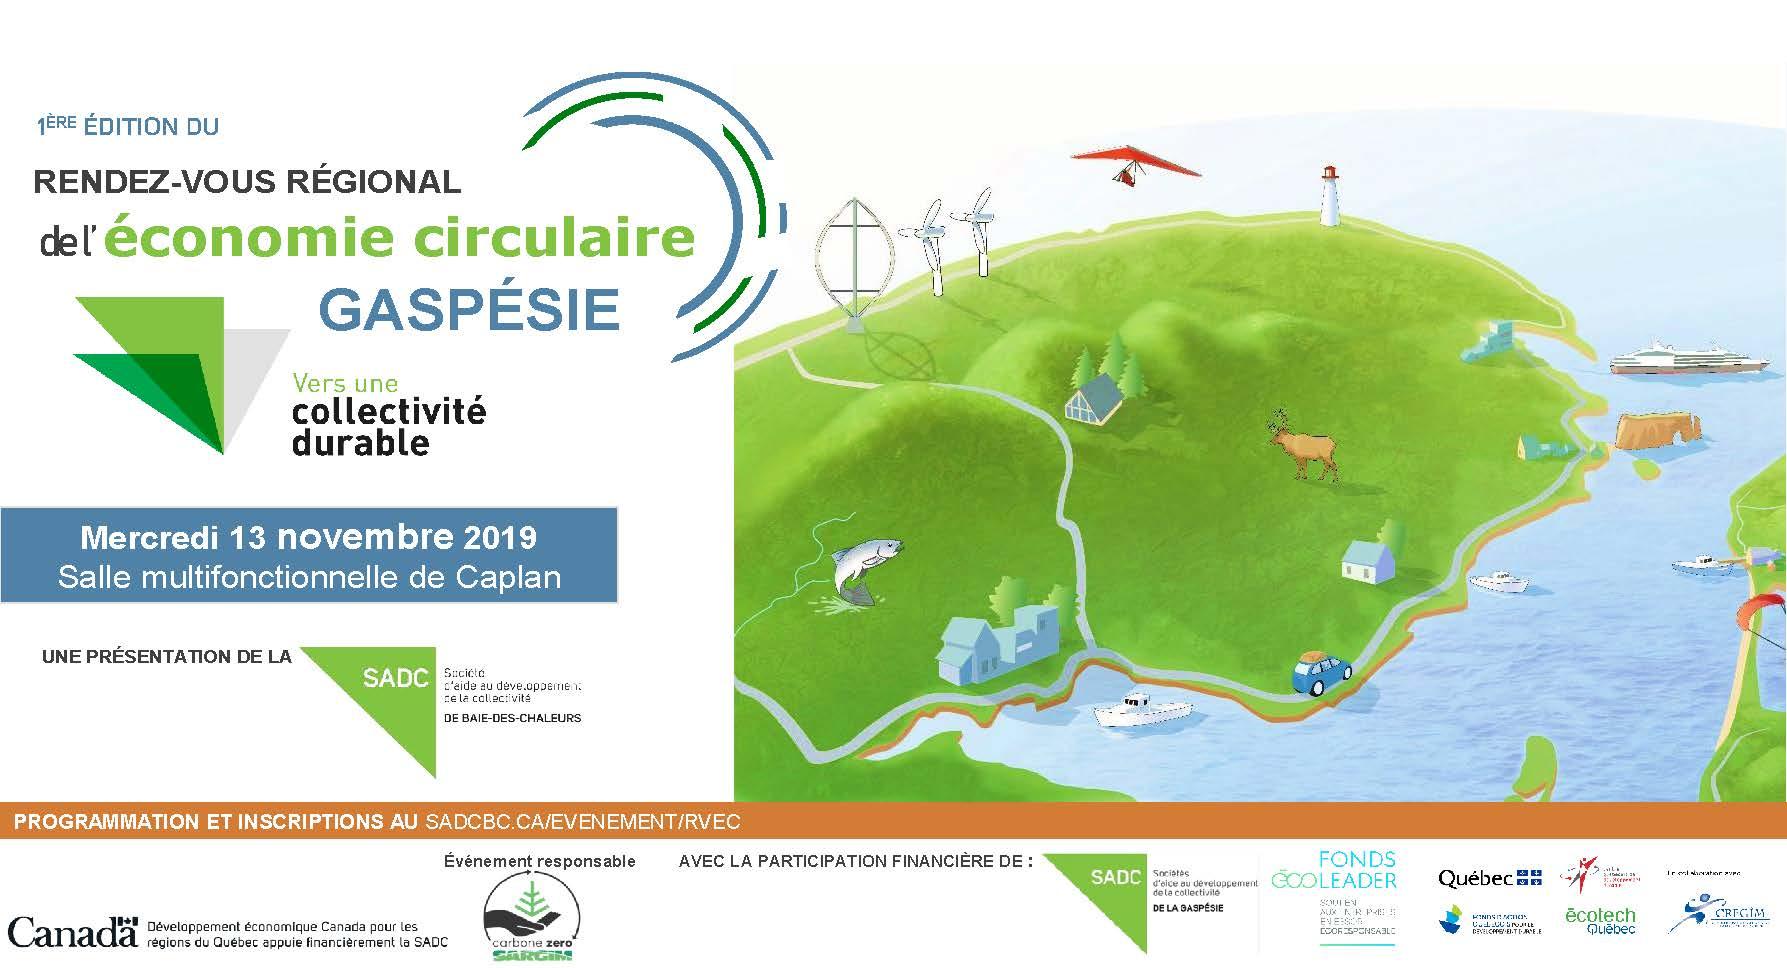 Rendez-vous régional de l'économie circulaire Gaspésie